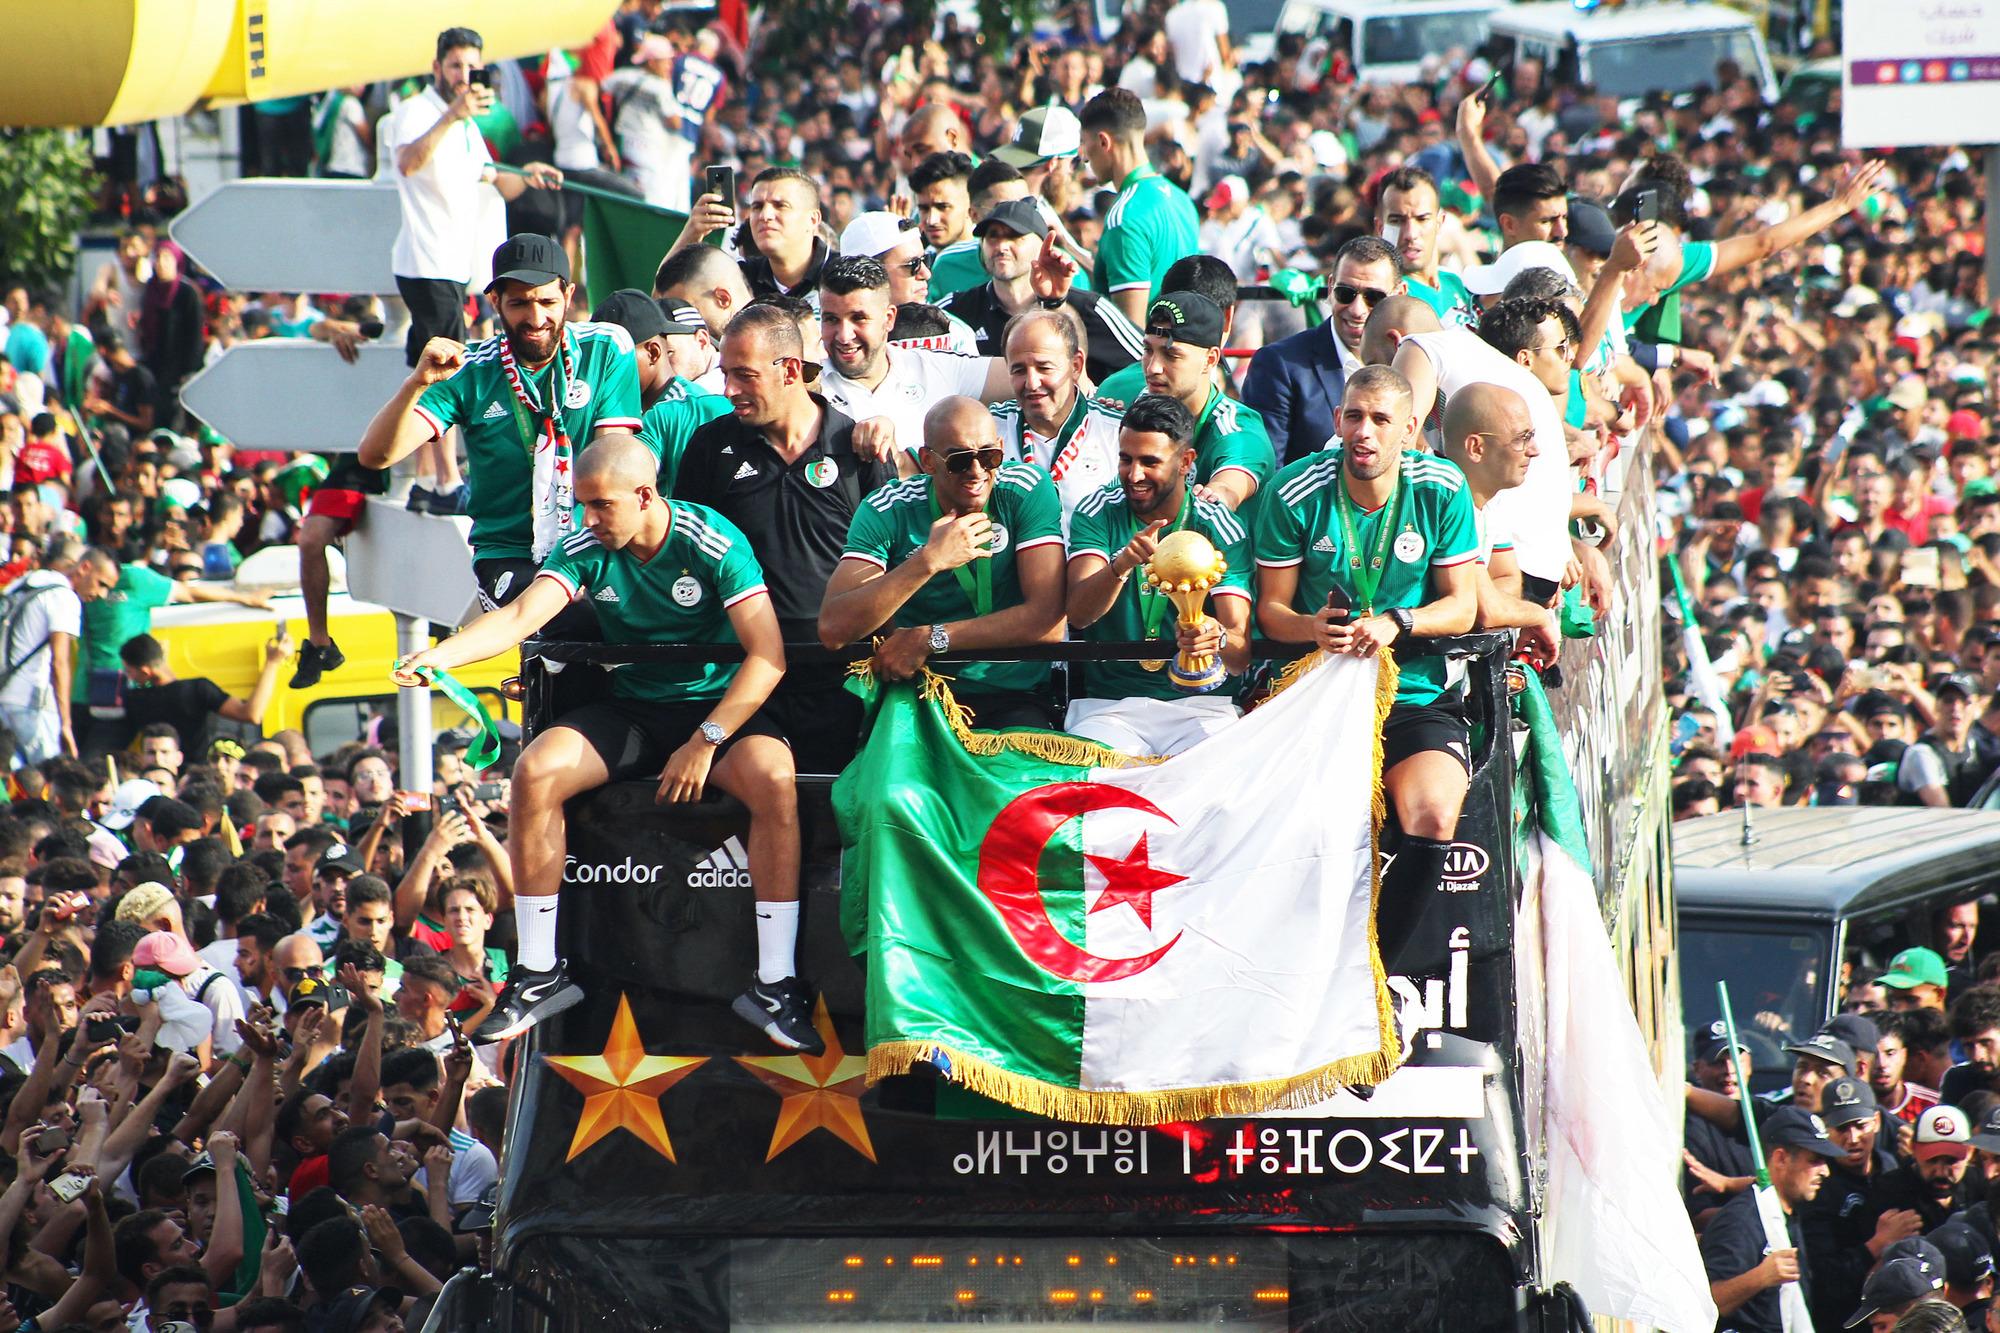 Les hymnes des supporters de foot sont devenus des chants de ralliement du Hirak... Ici, le retour triomphal de l'équipe algérienne après la CAN 2019.